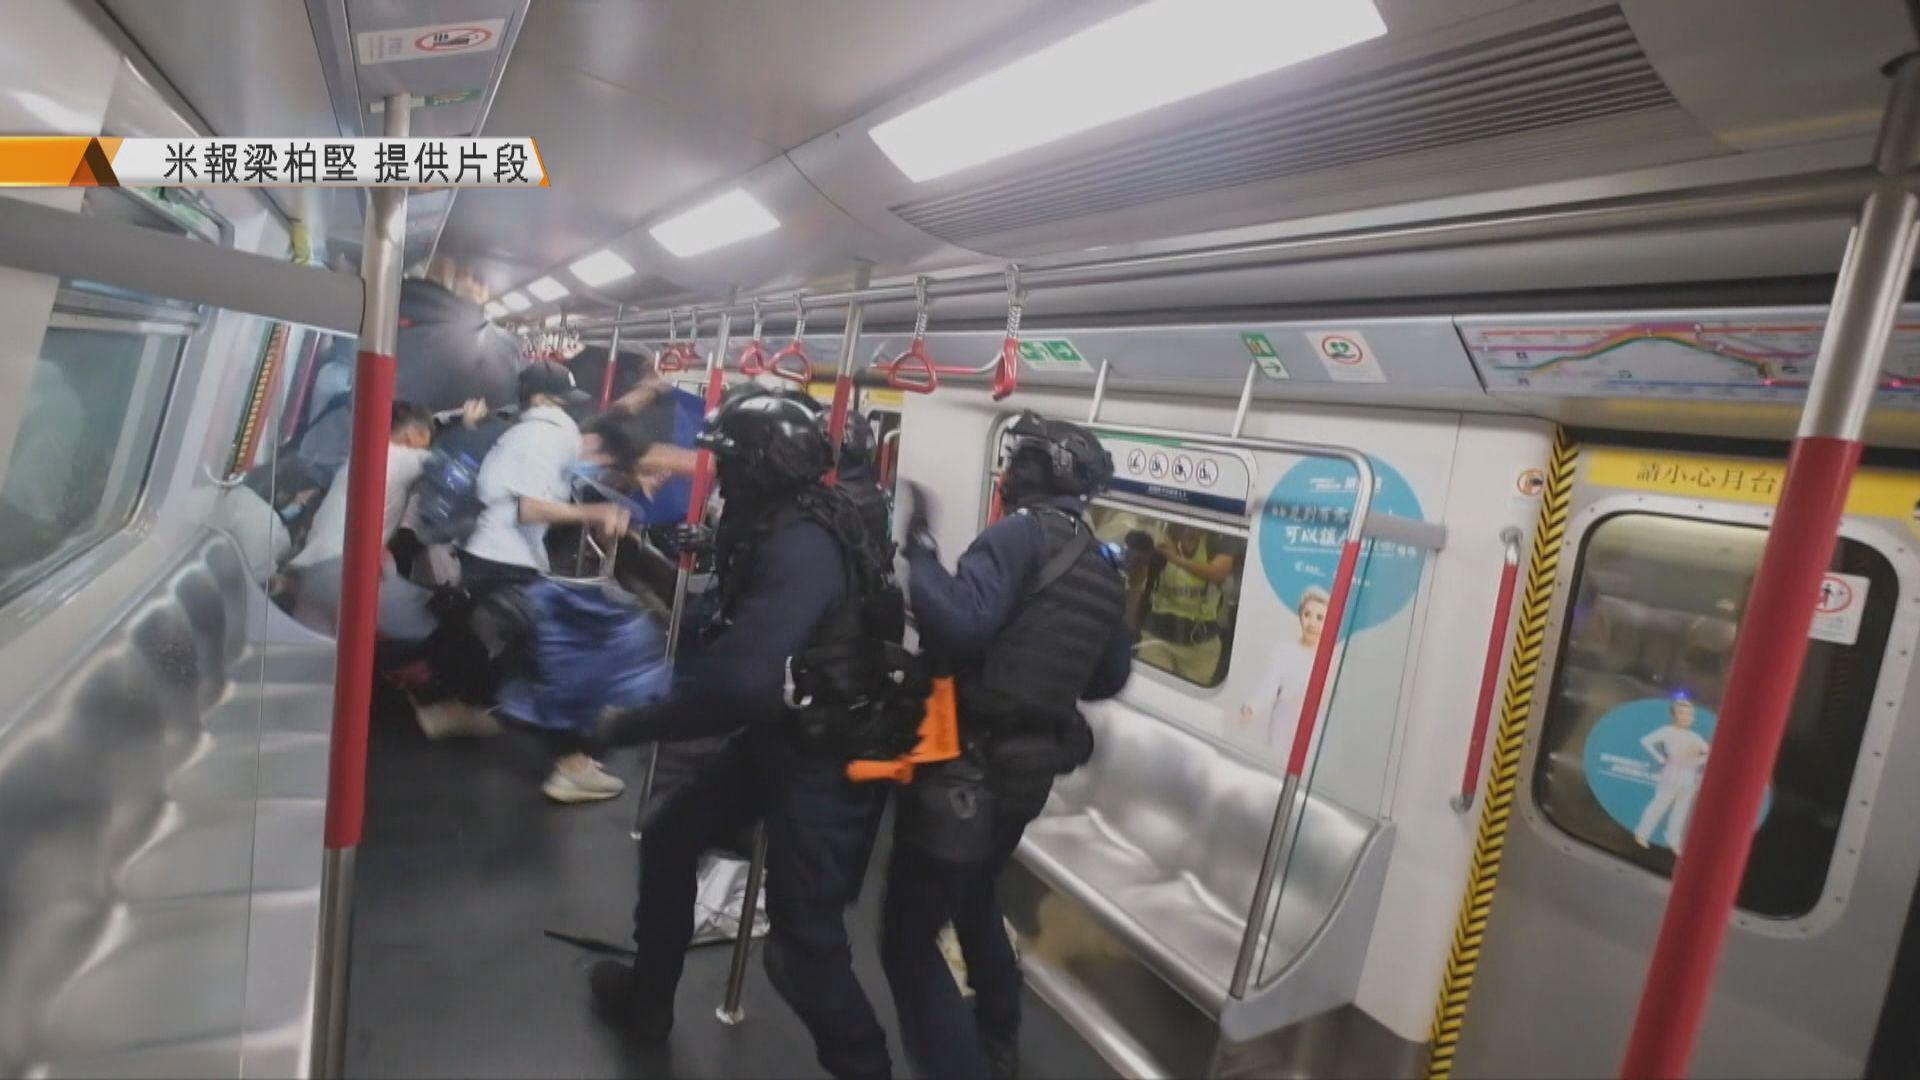 【即日焦點】612、721及831事件傷者批監警會報告無助還原真相;楊潤雄:爭議試題無討論空間 答案只有弊沒有利